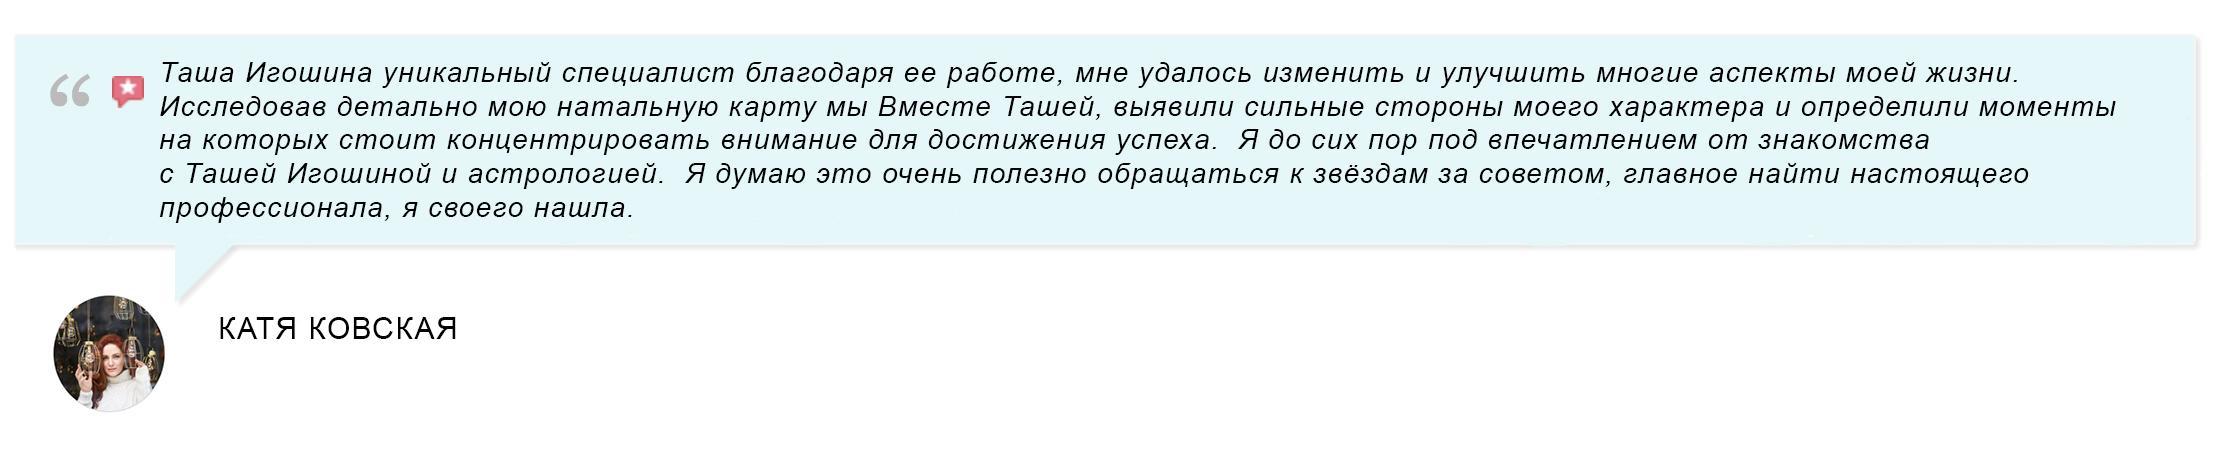 https://astrologtasha.ru/wp-content/uploads/2020/10/katya_kovskaja_otzyv.jpg